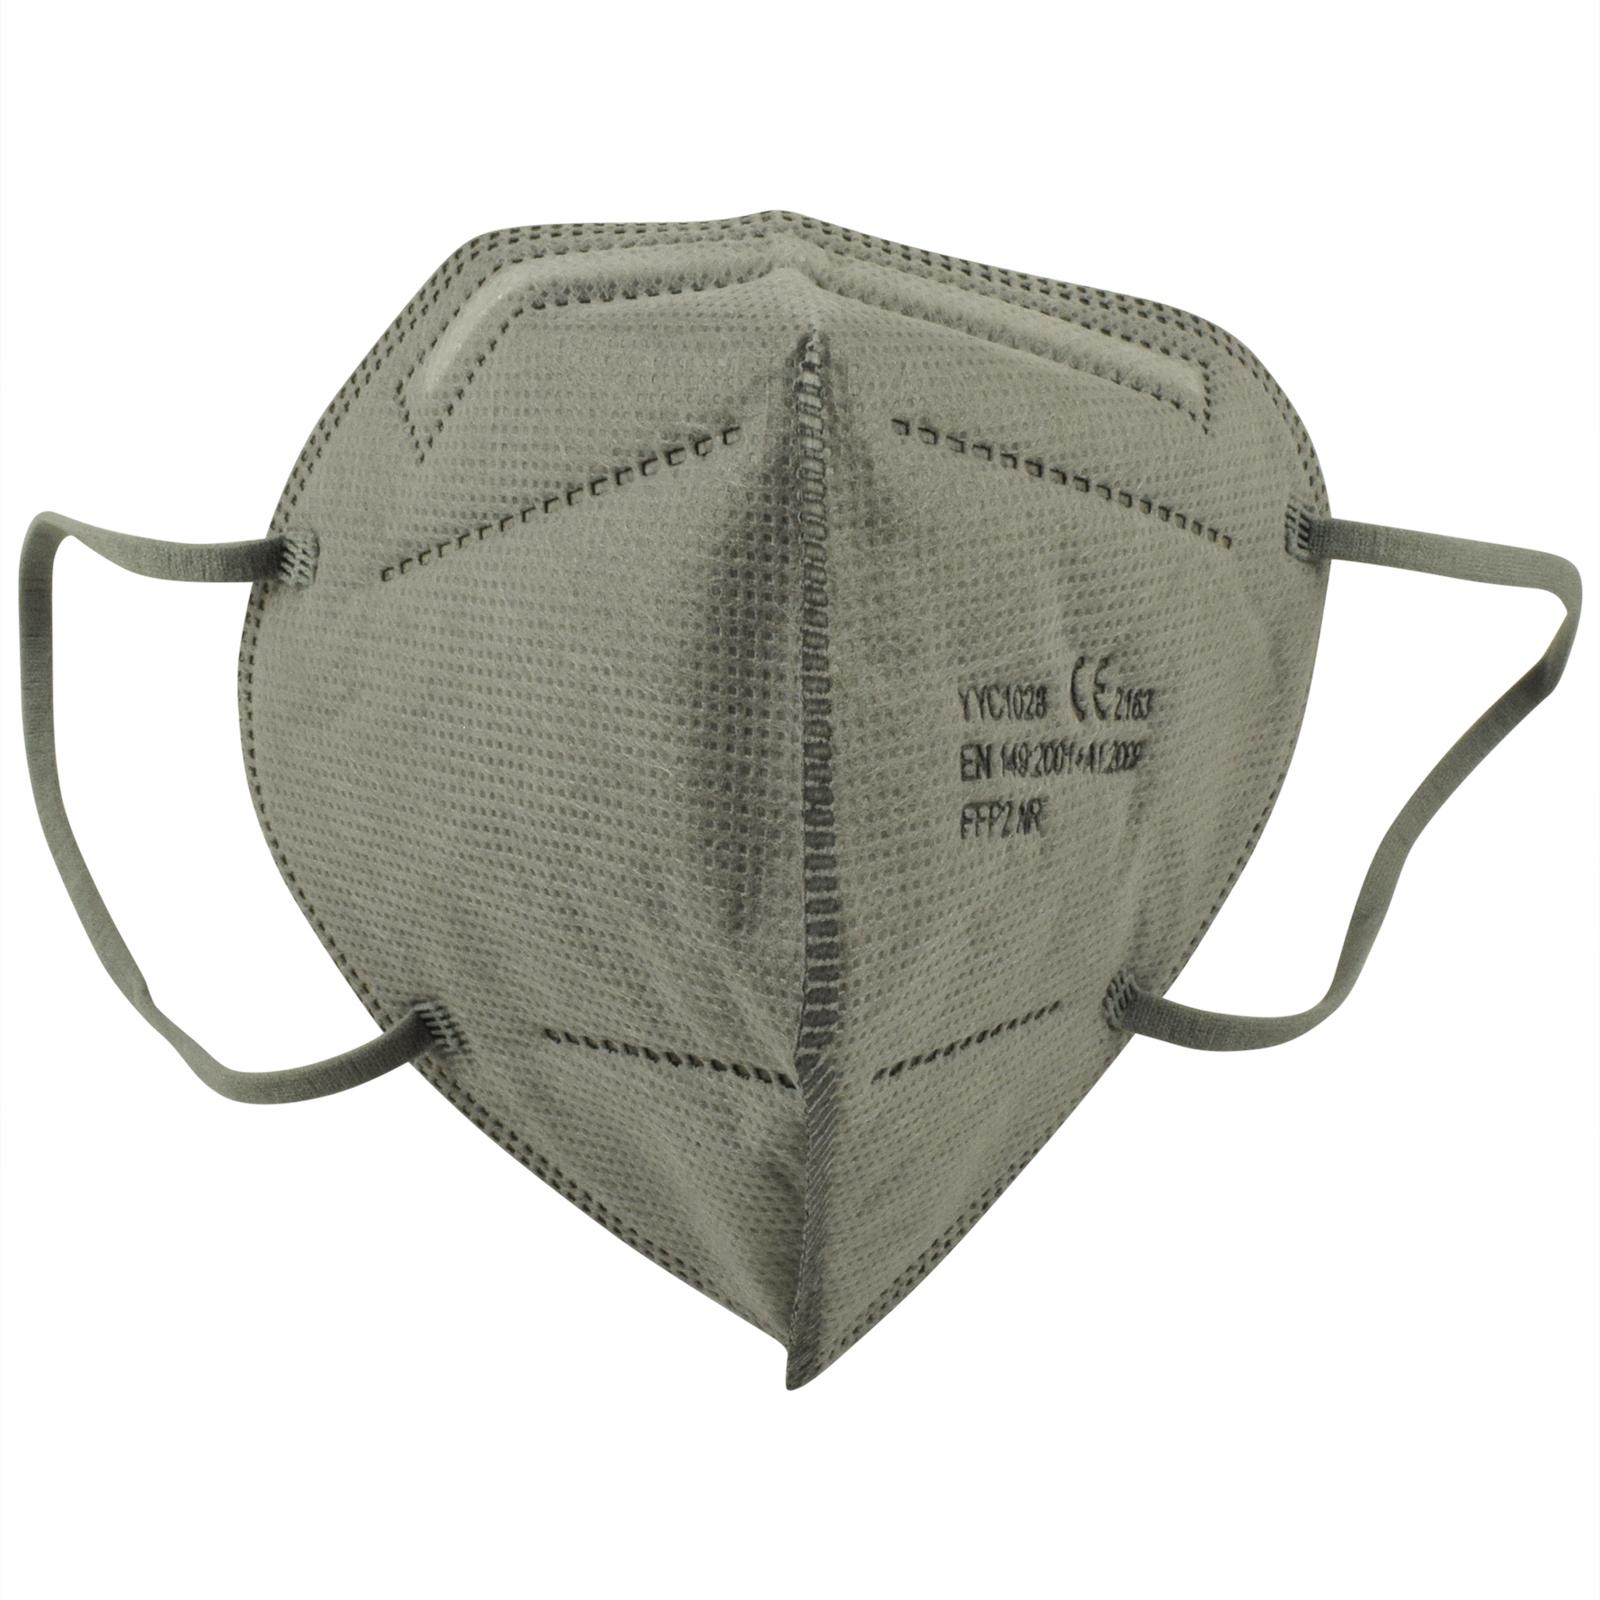 Indexbild 15 - 1 - 1000 FFP2 Atemschutzmasken farbiger Mundschutz 5-lagig CE2163 CRDLIGHT